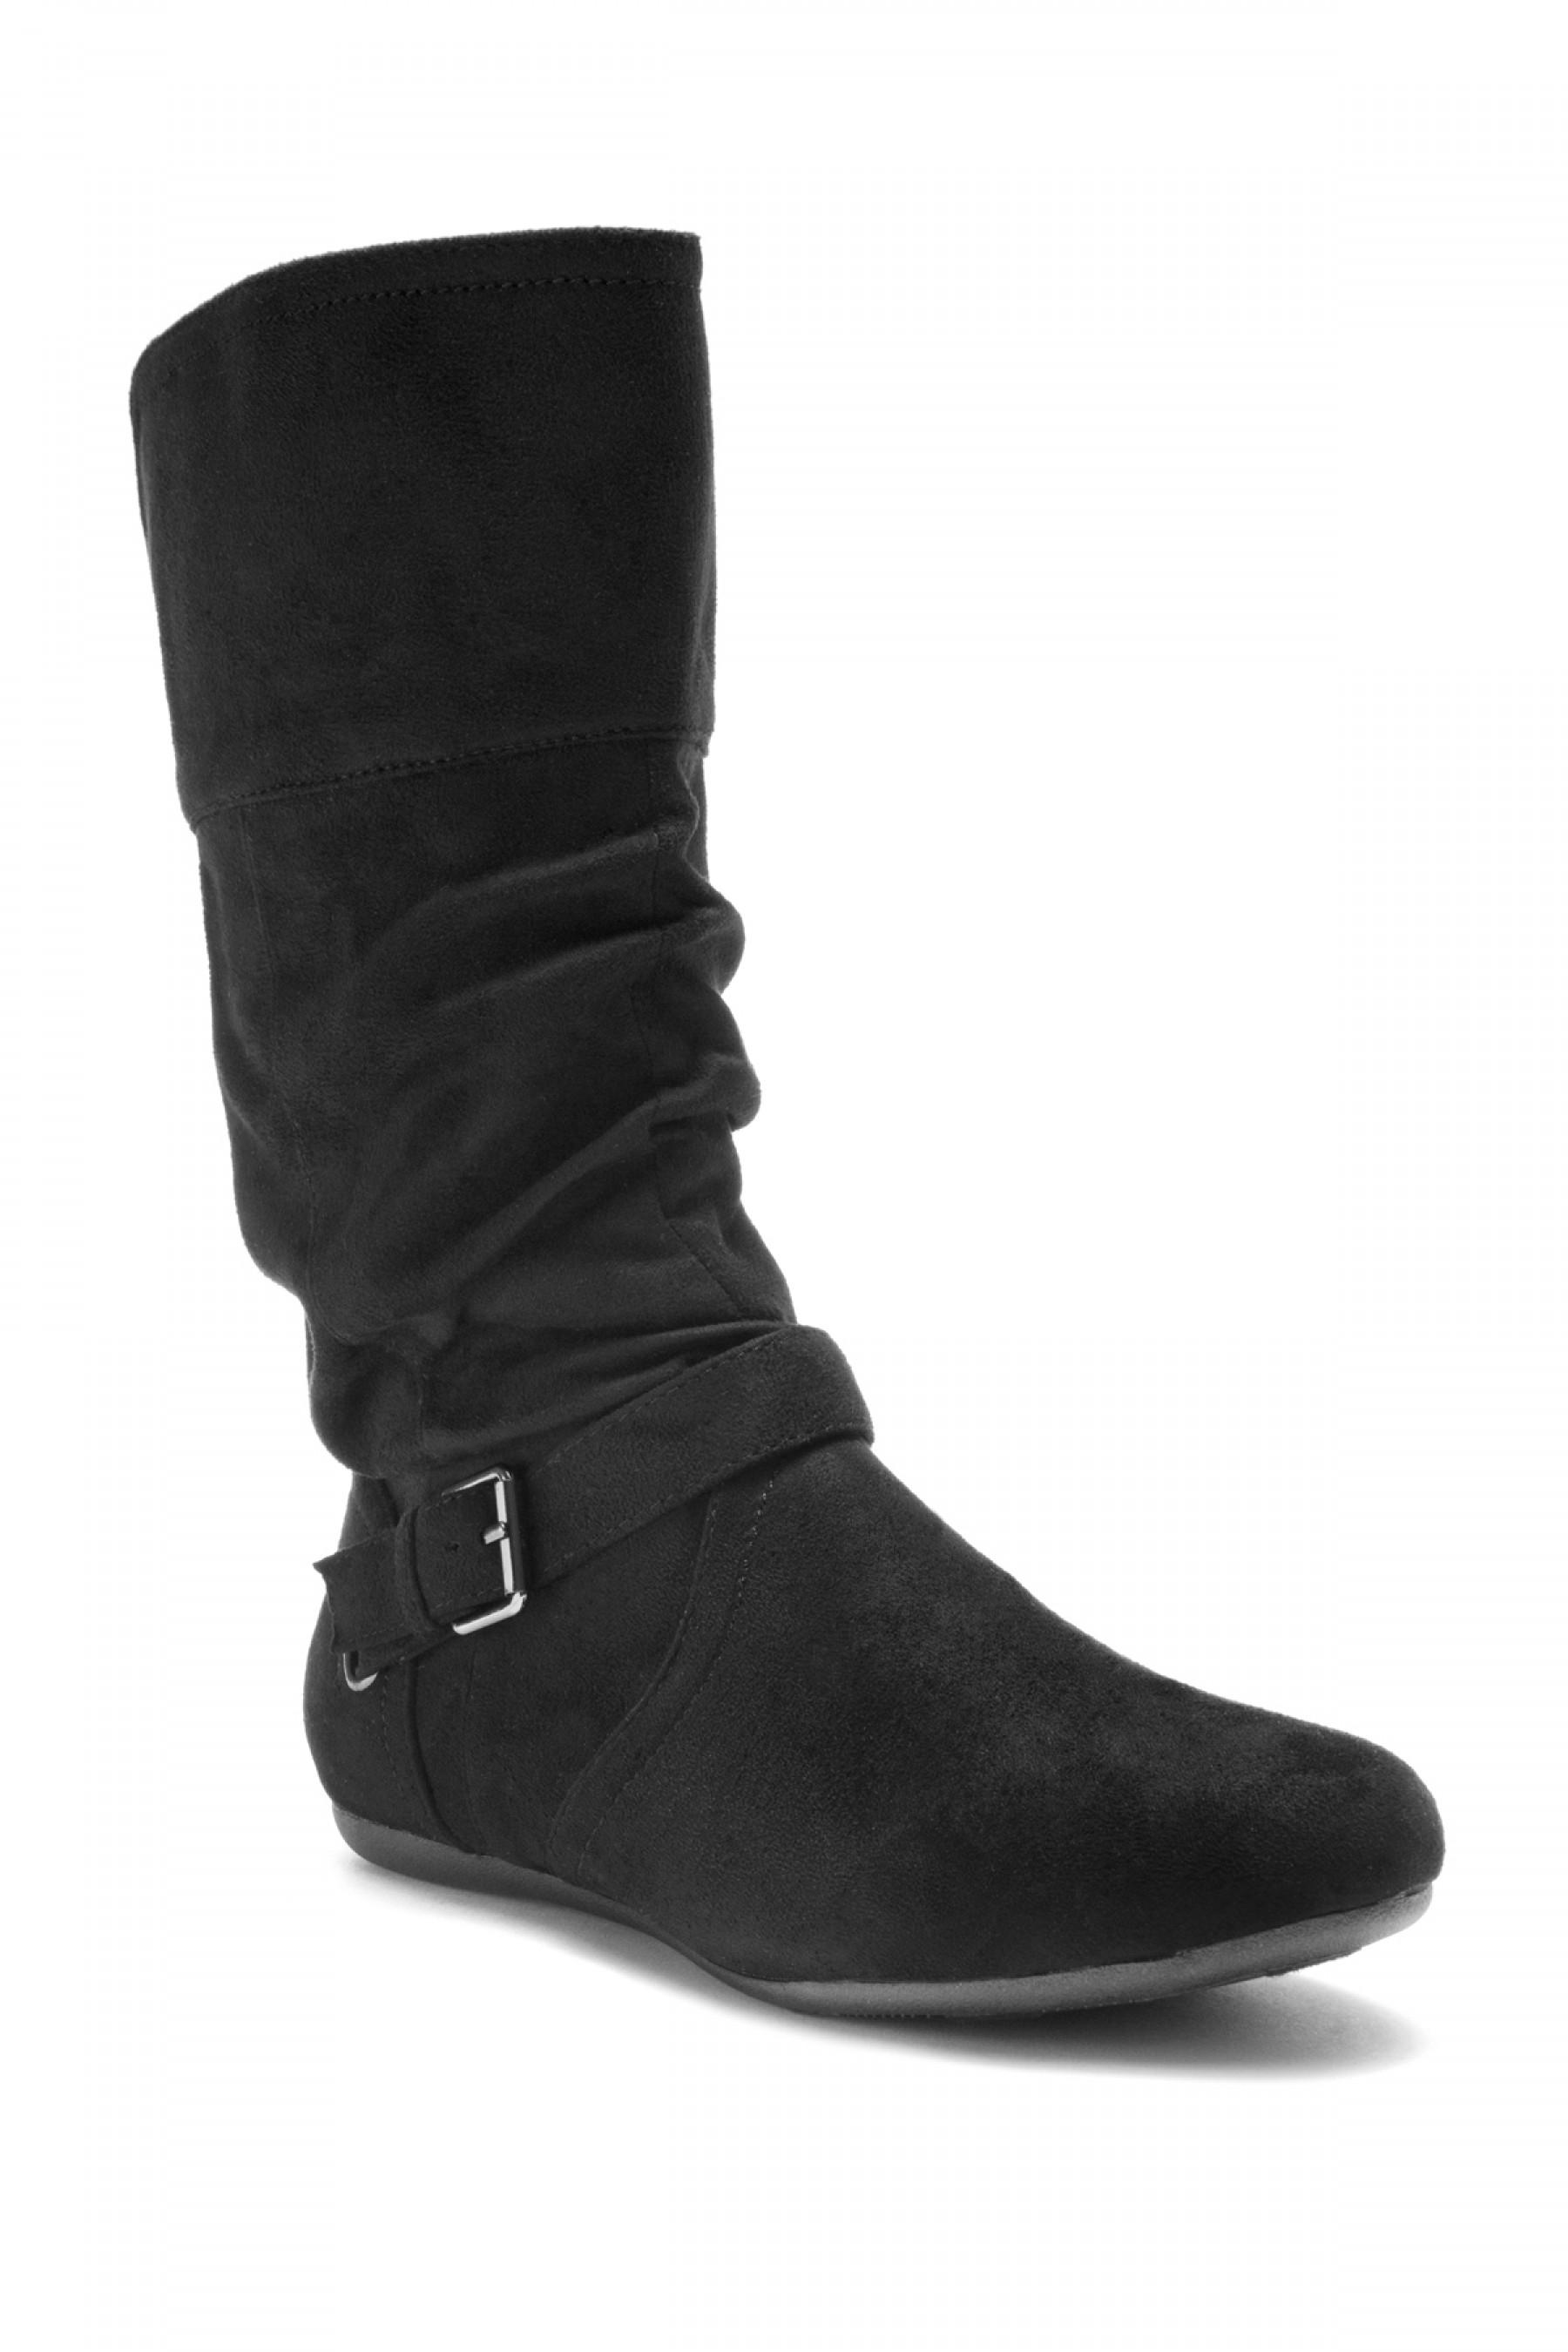 HerStyle Knolla Women's Fashion Calf Flat Heel Side Zipper ...